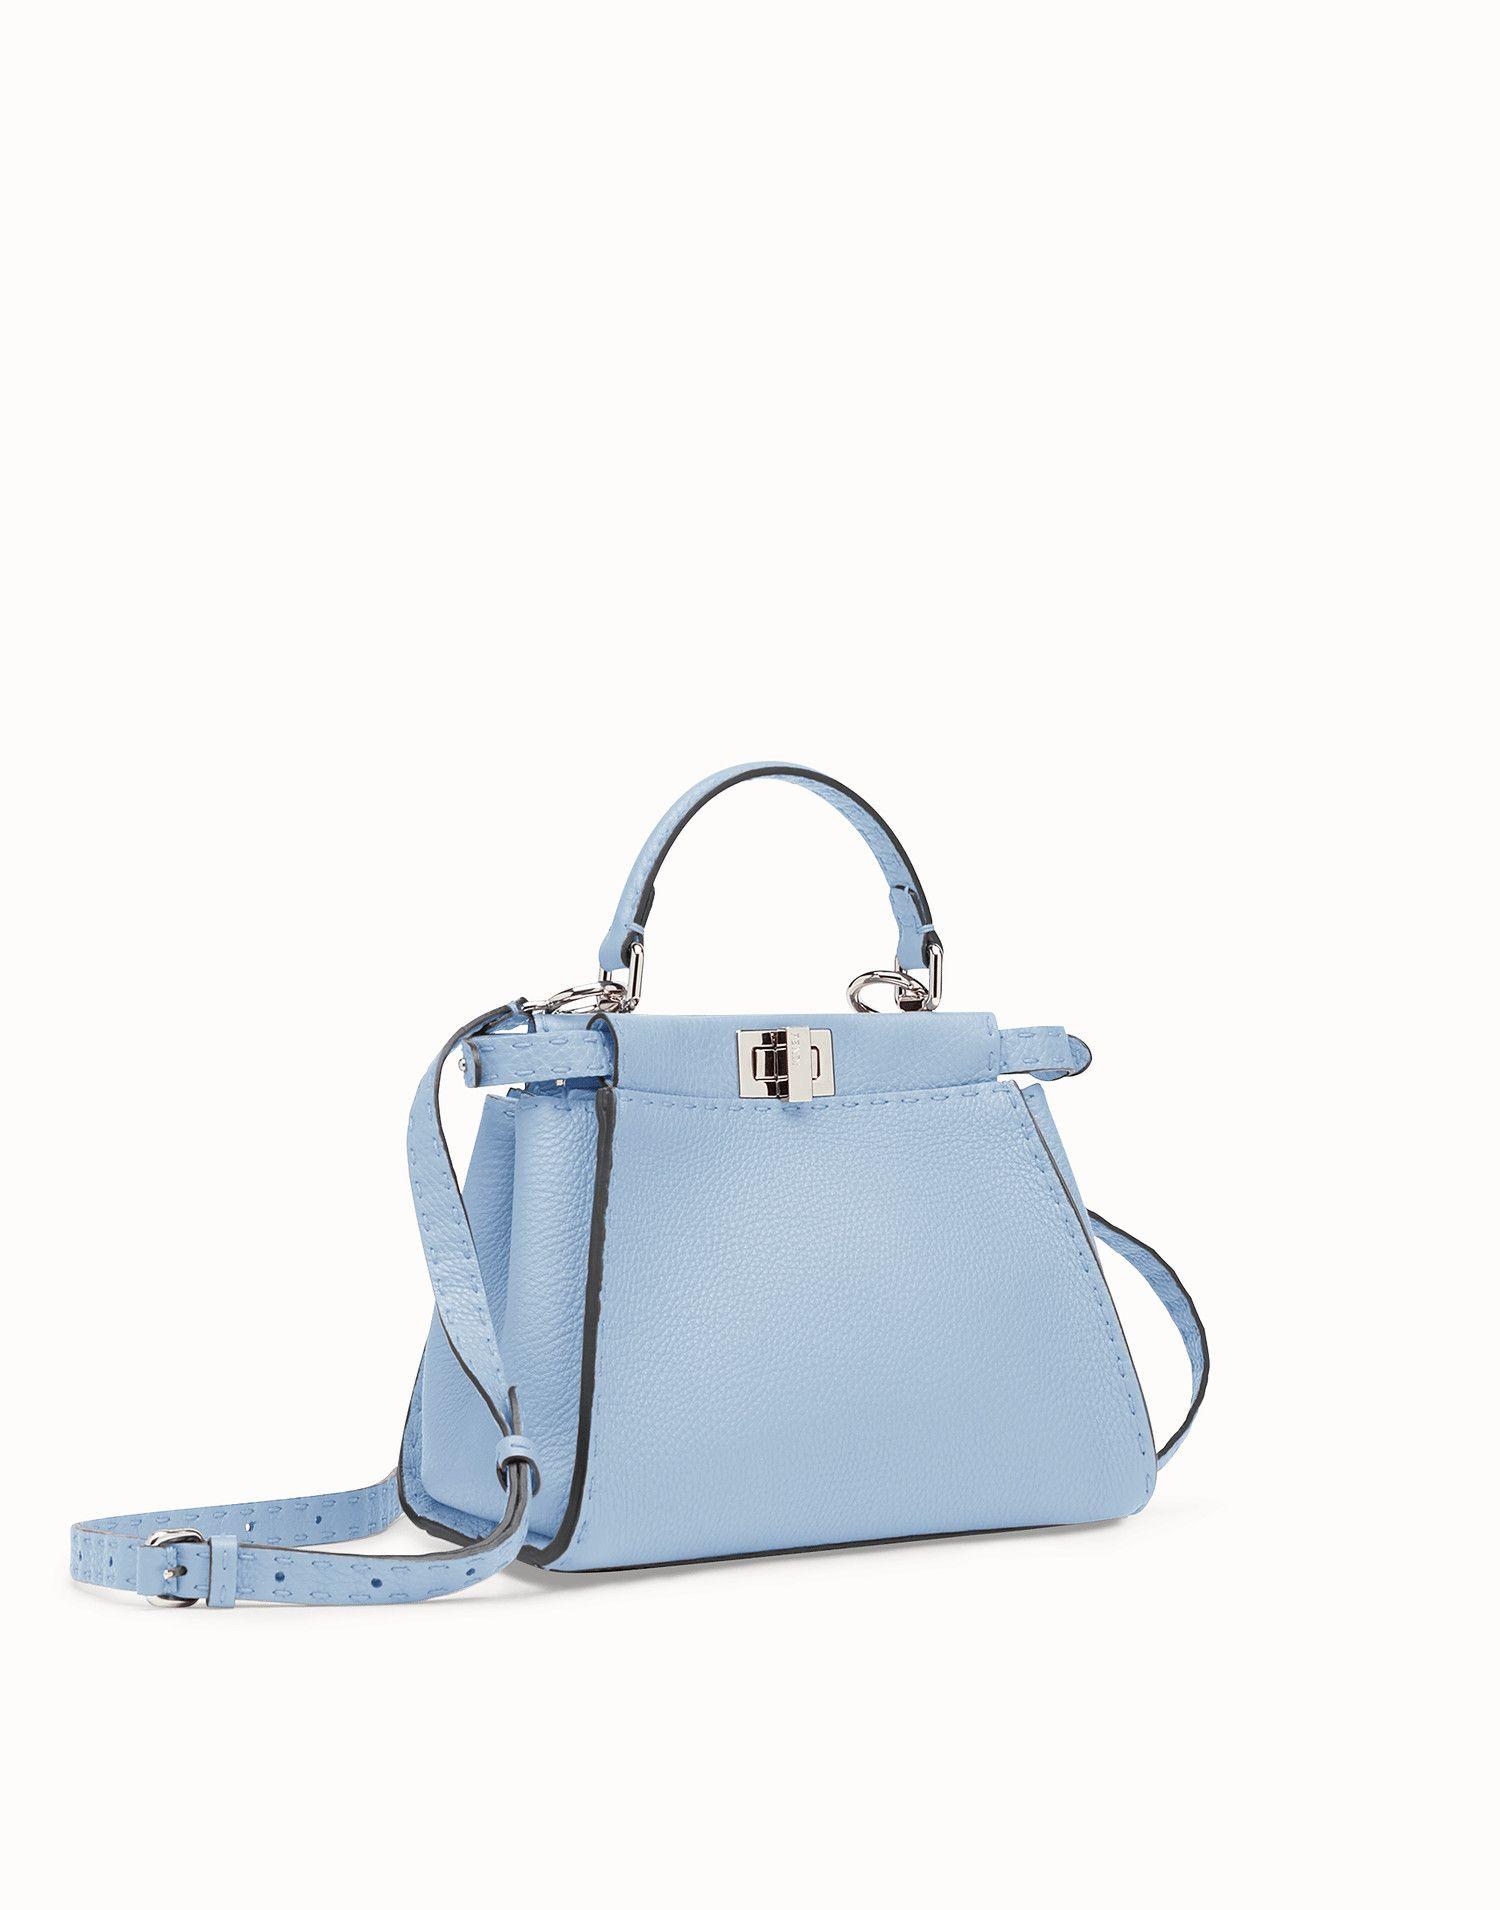 1e965b9a1 Peekaboo mini | Bags | Bags, Fendi peekaboo mini, Leather bag